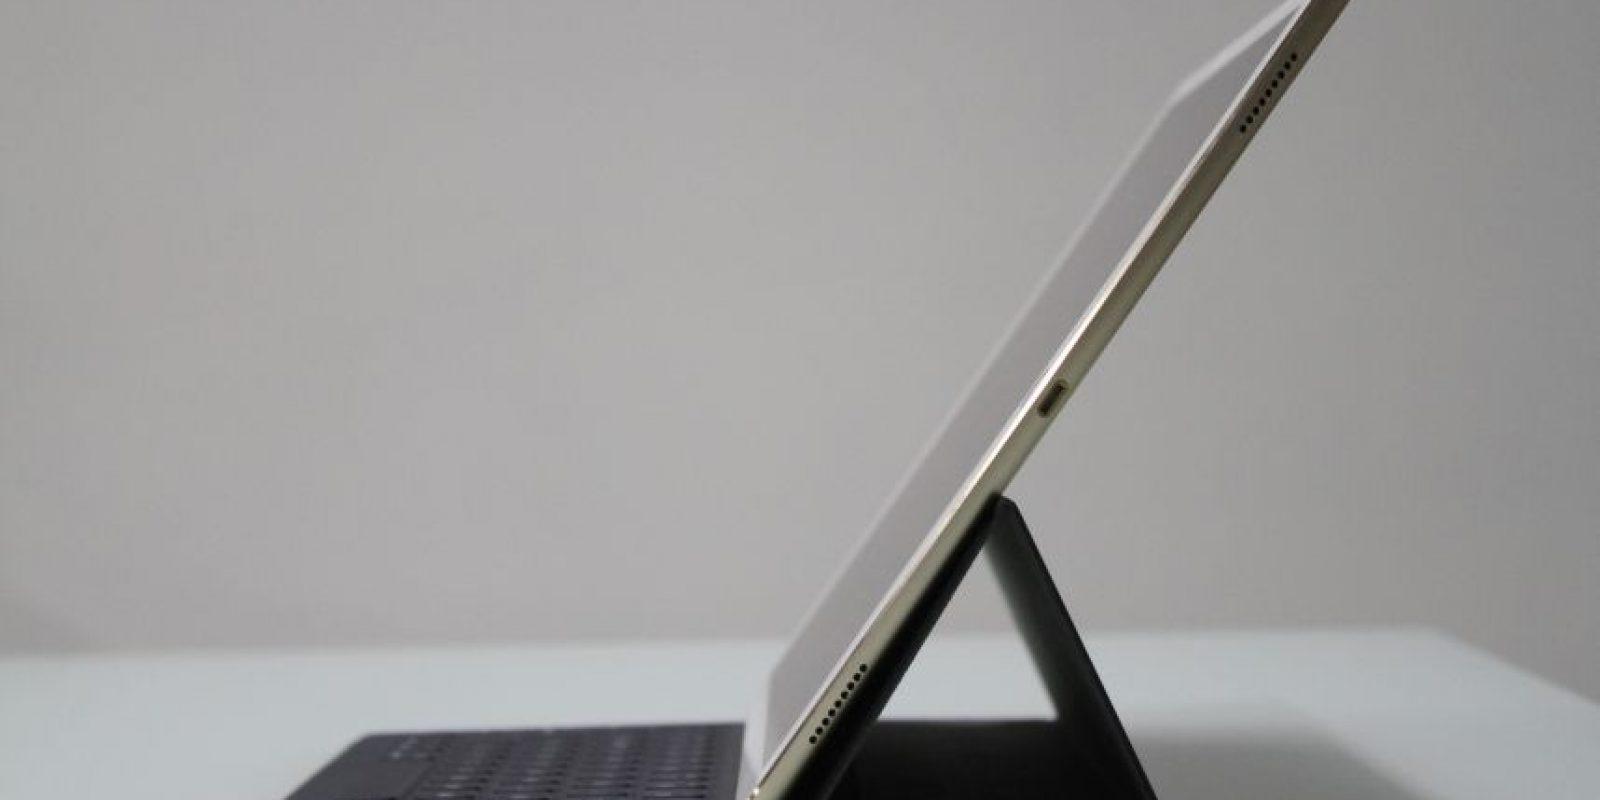 Sonido. Los cuatro altavoces ubicados en cada una de las esquinas dan una experiencia que va más allá de lo funcional. Aunque debido a su diseño y tamaño, no cuenta con entrada para audífonos, por lo que deberán utilizar alguno Bluetooth. Foto:Fuente externa